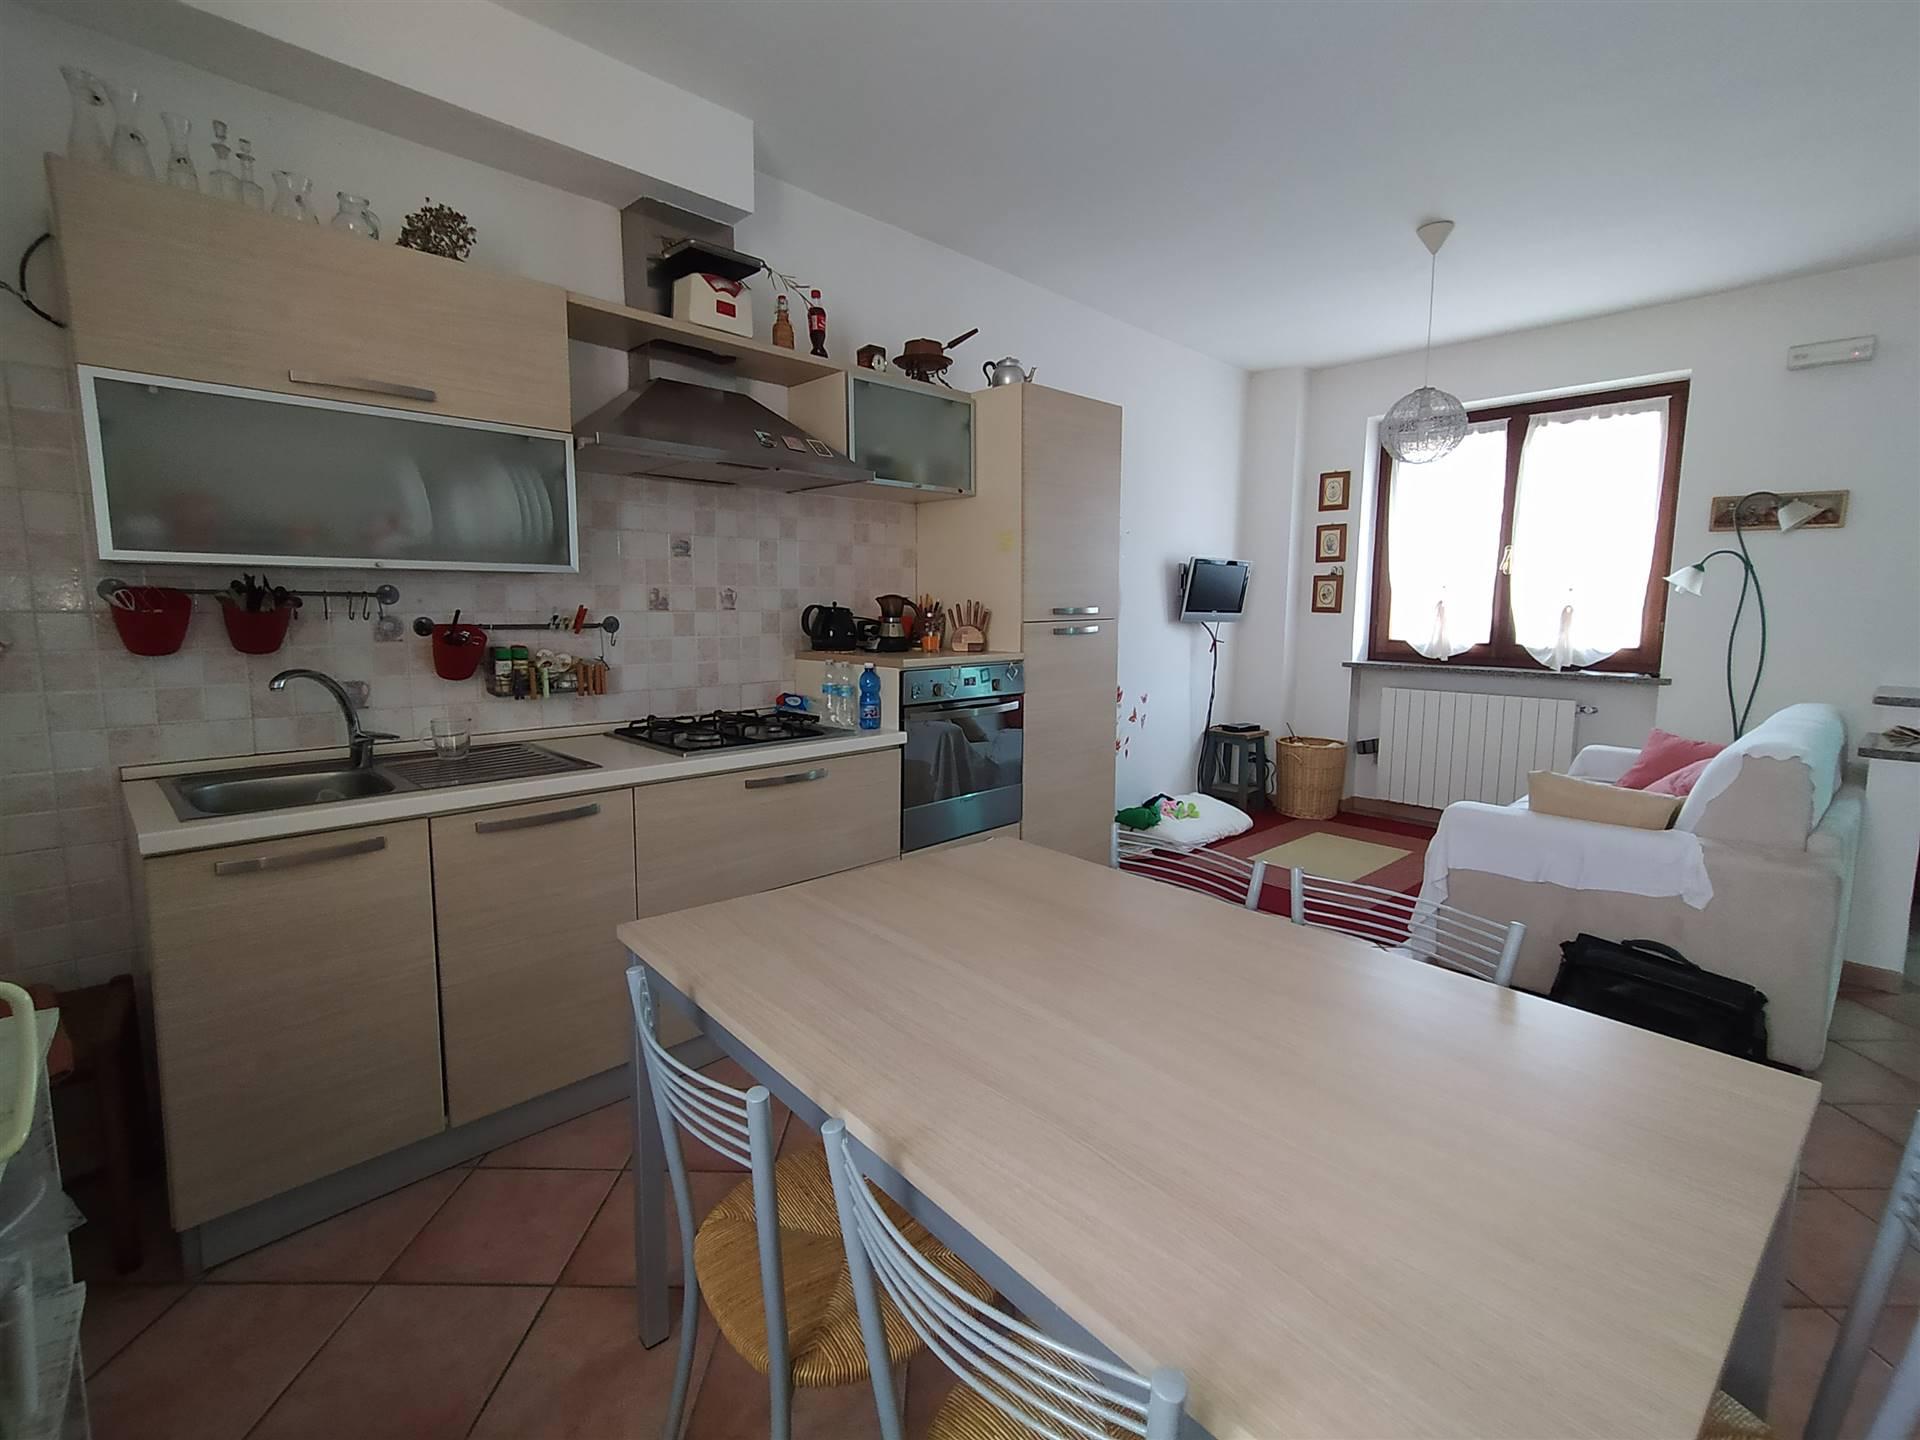 Appartamento in vendita a Bogogno, 2 locali, prezzo € 59.000   PortaleAgenzieImmobiliari.it